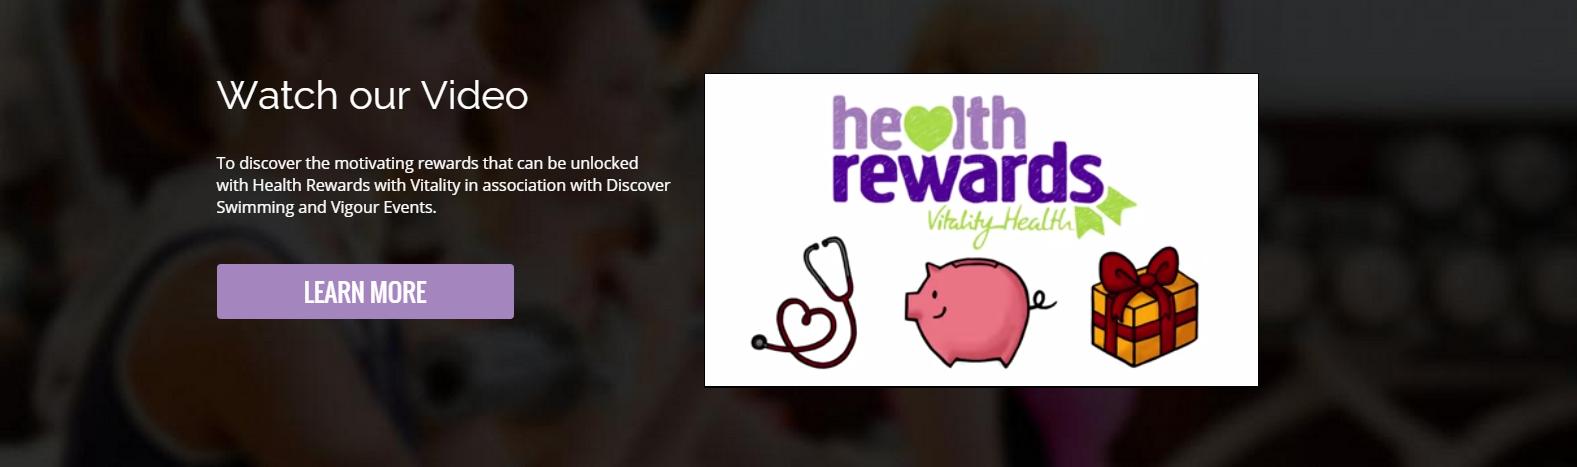 health rewards vid image